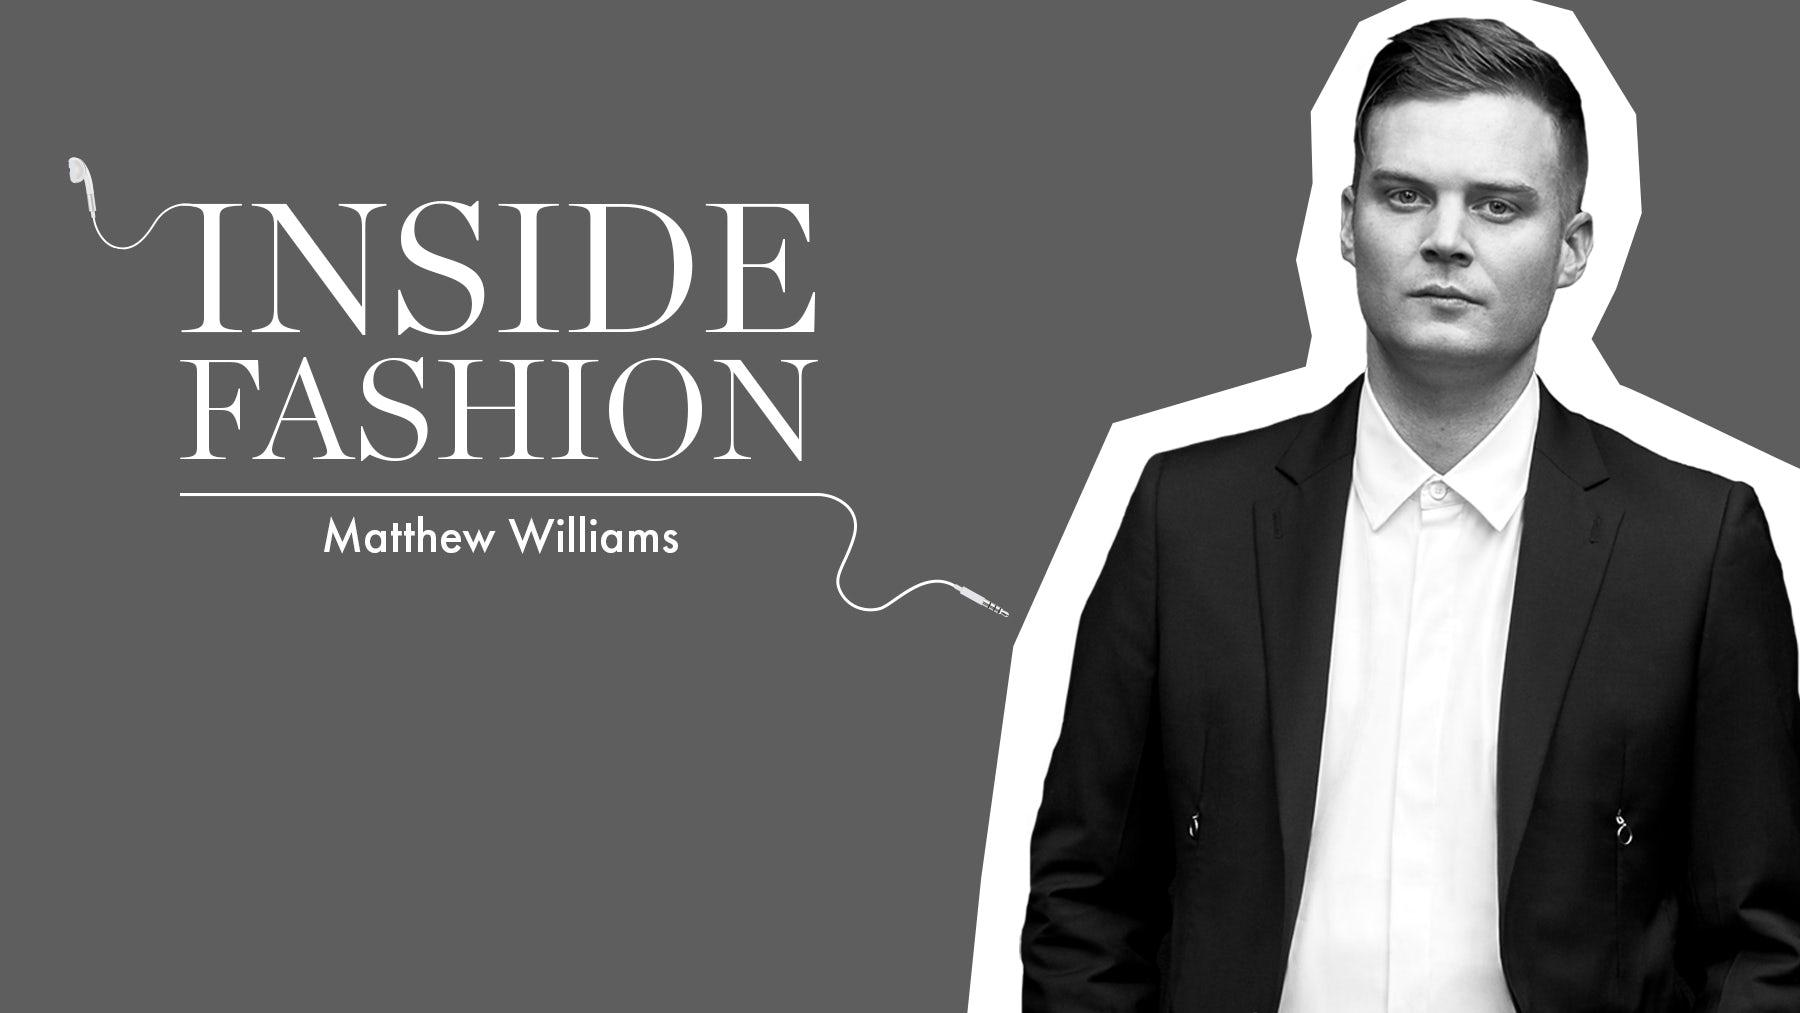 Matthew Williams | Photo: Thomas Lohr for Moncler